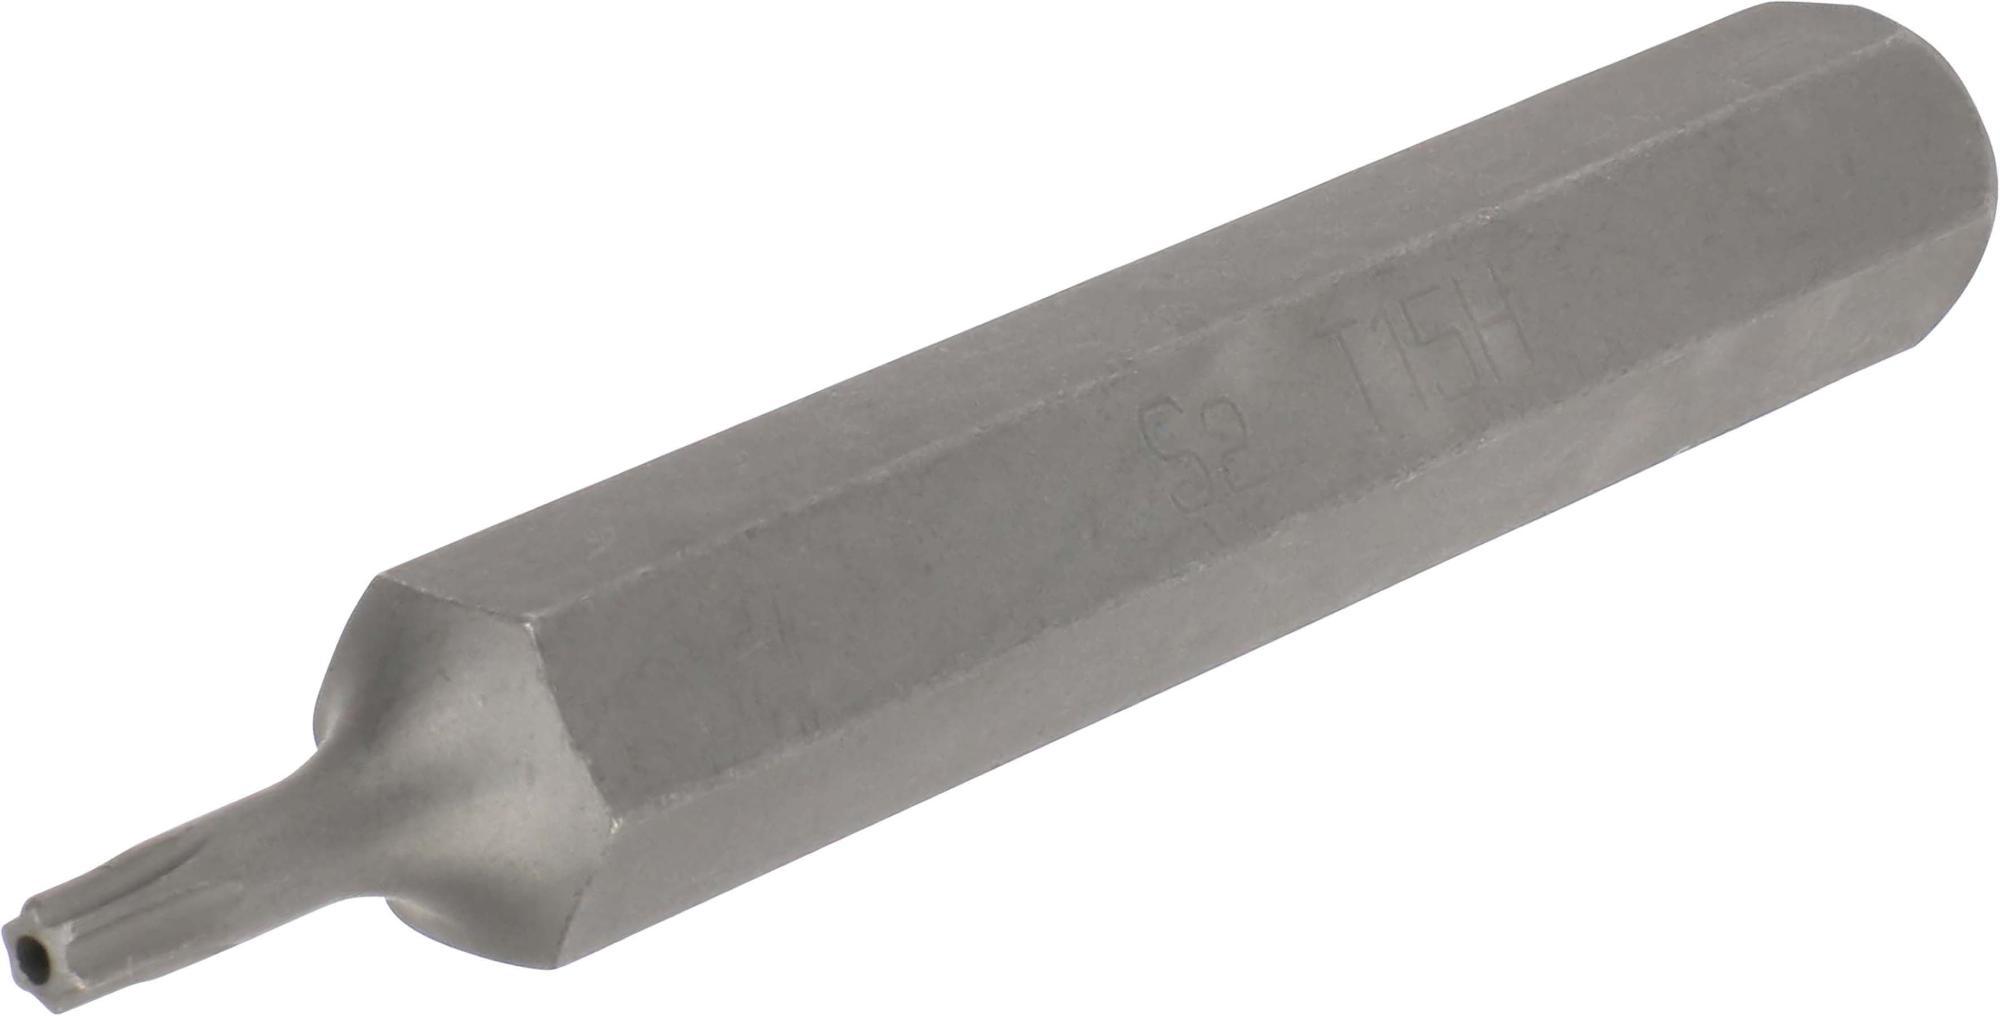 Bit, 10 mm 6-hran, TORX SLB T15x75 mm